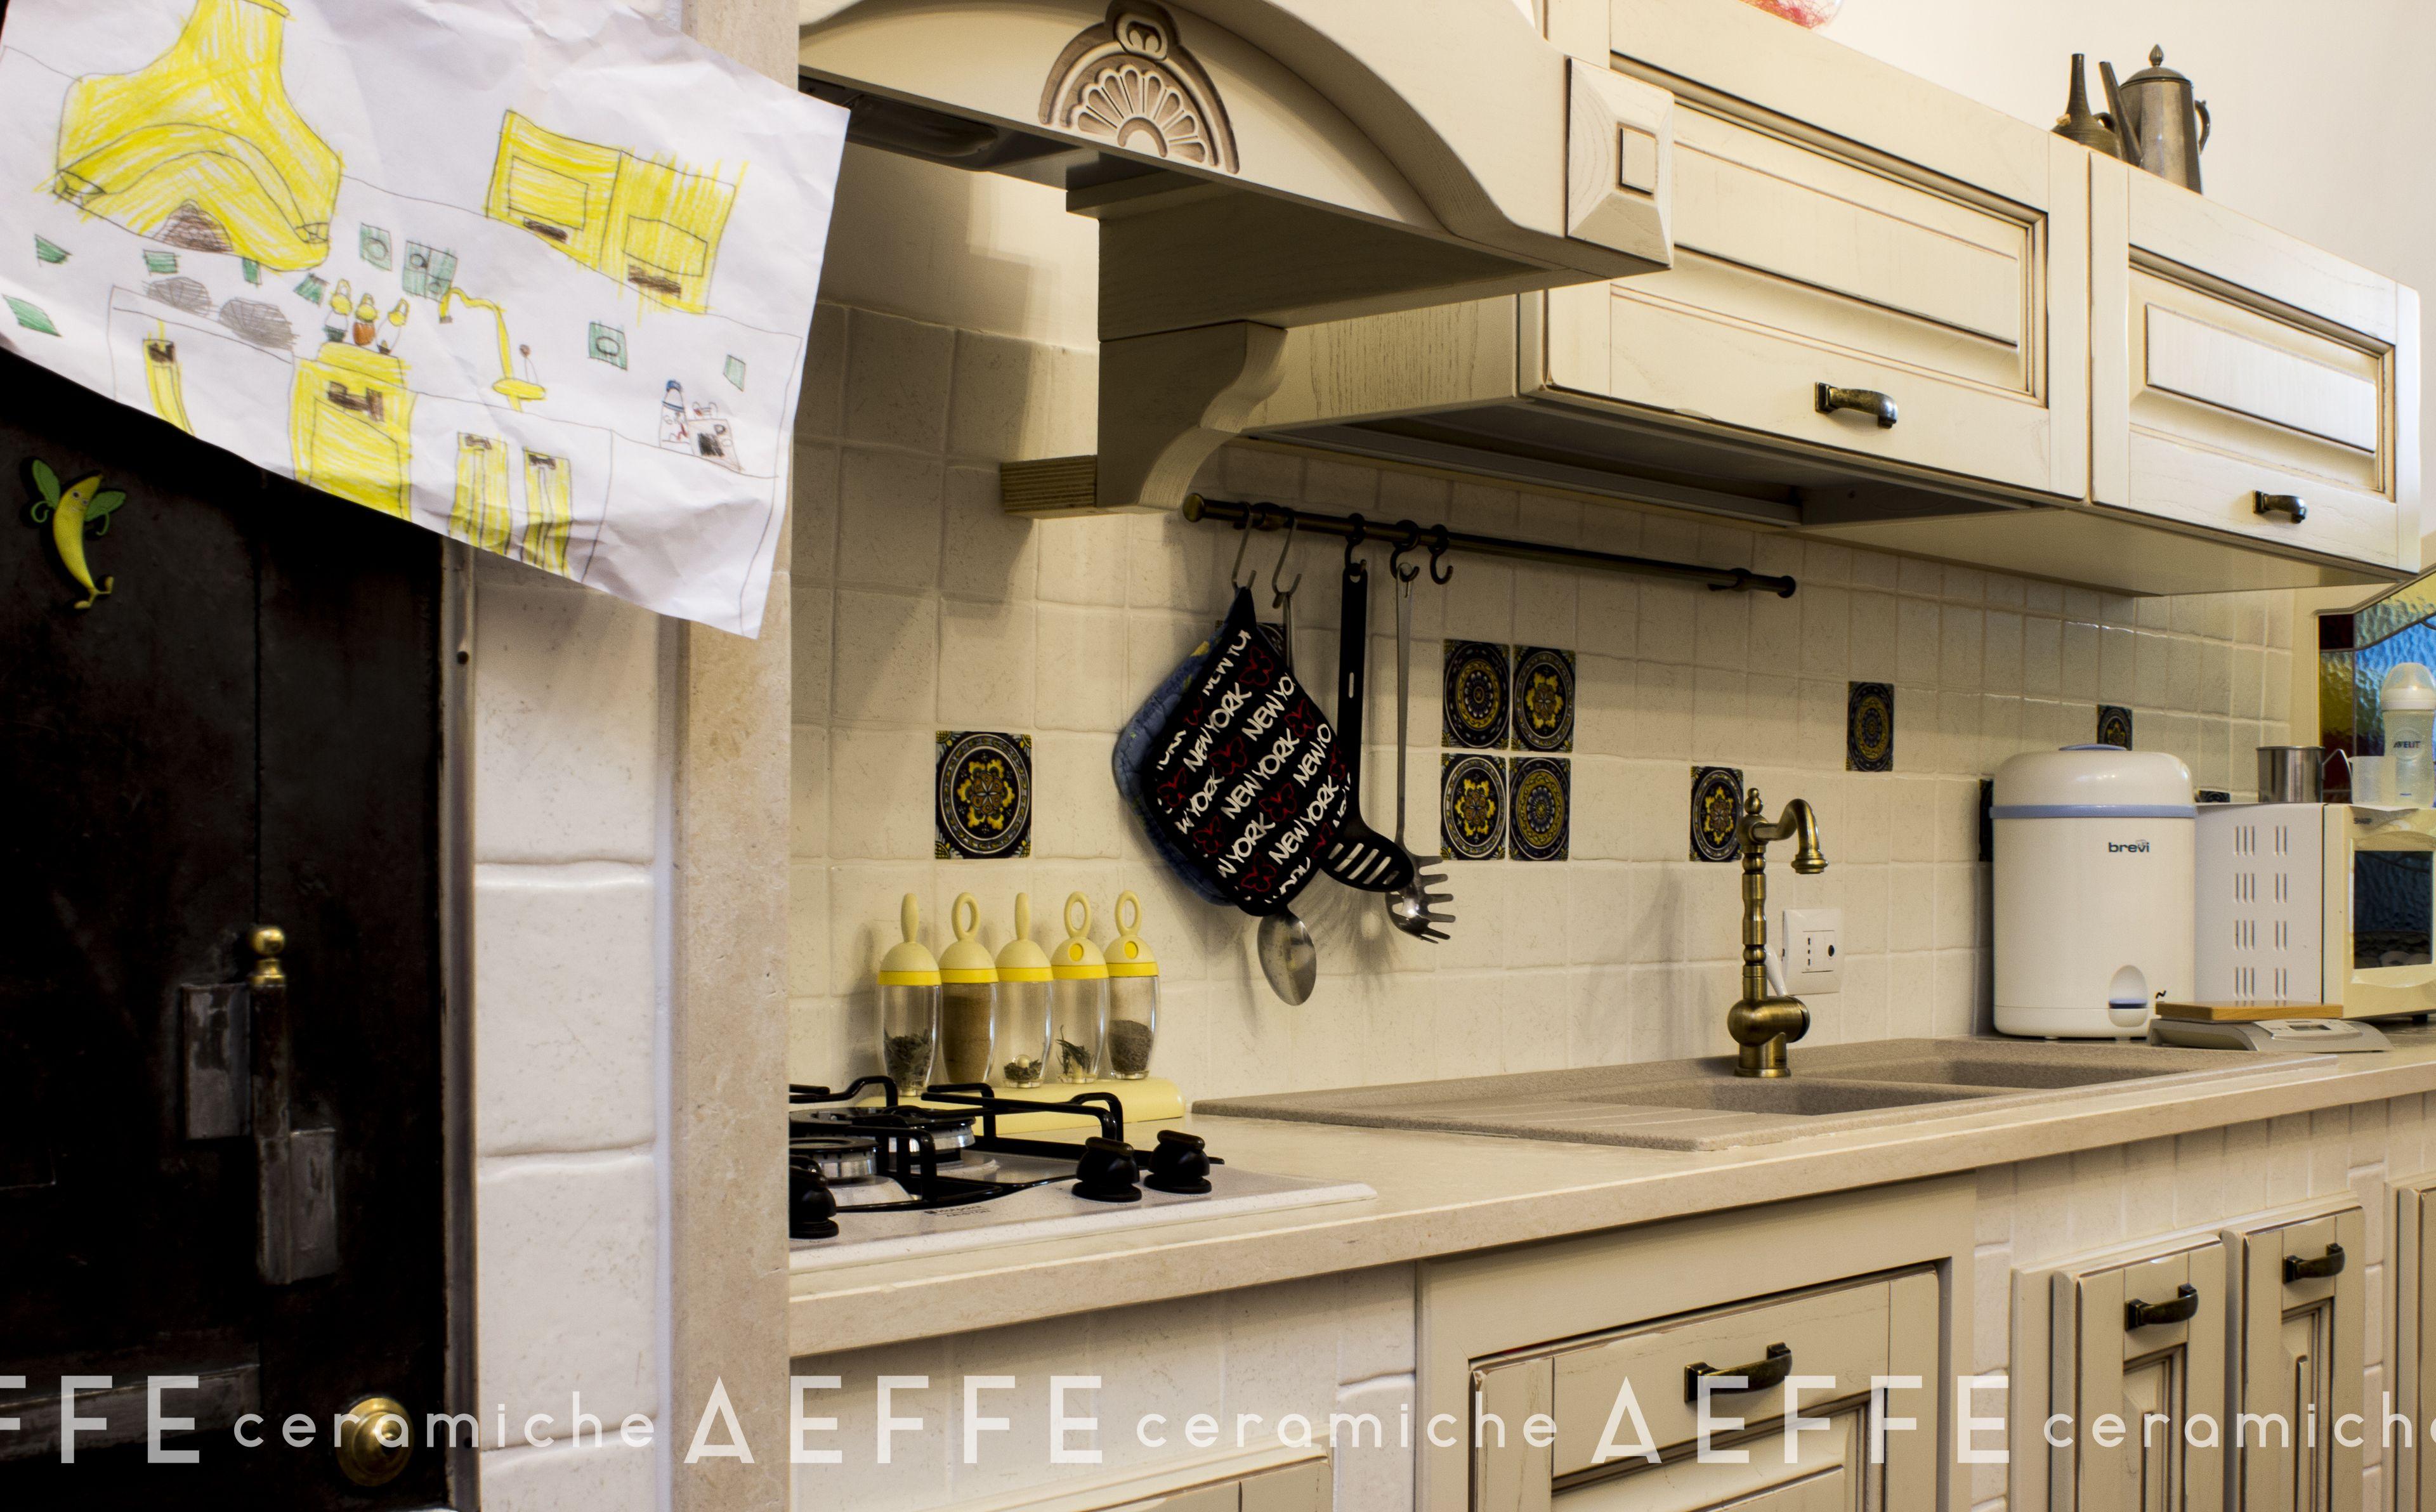 Piastrella per rivestimento cucina 10x10. Per rendere sempre più ...